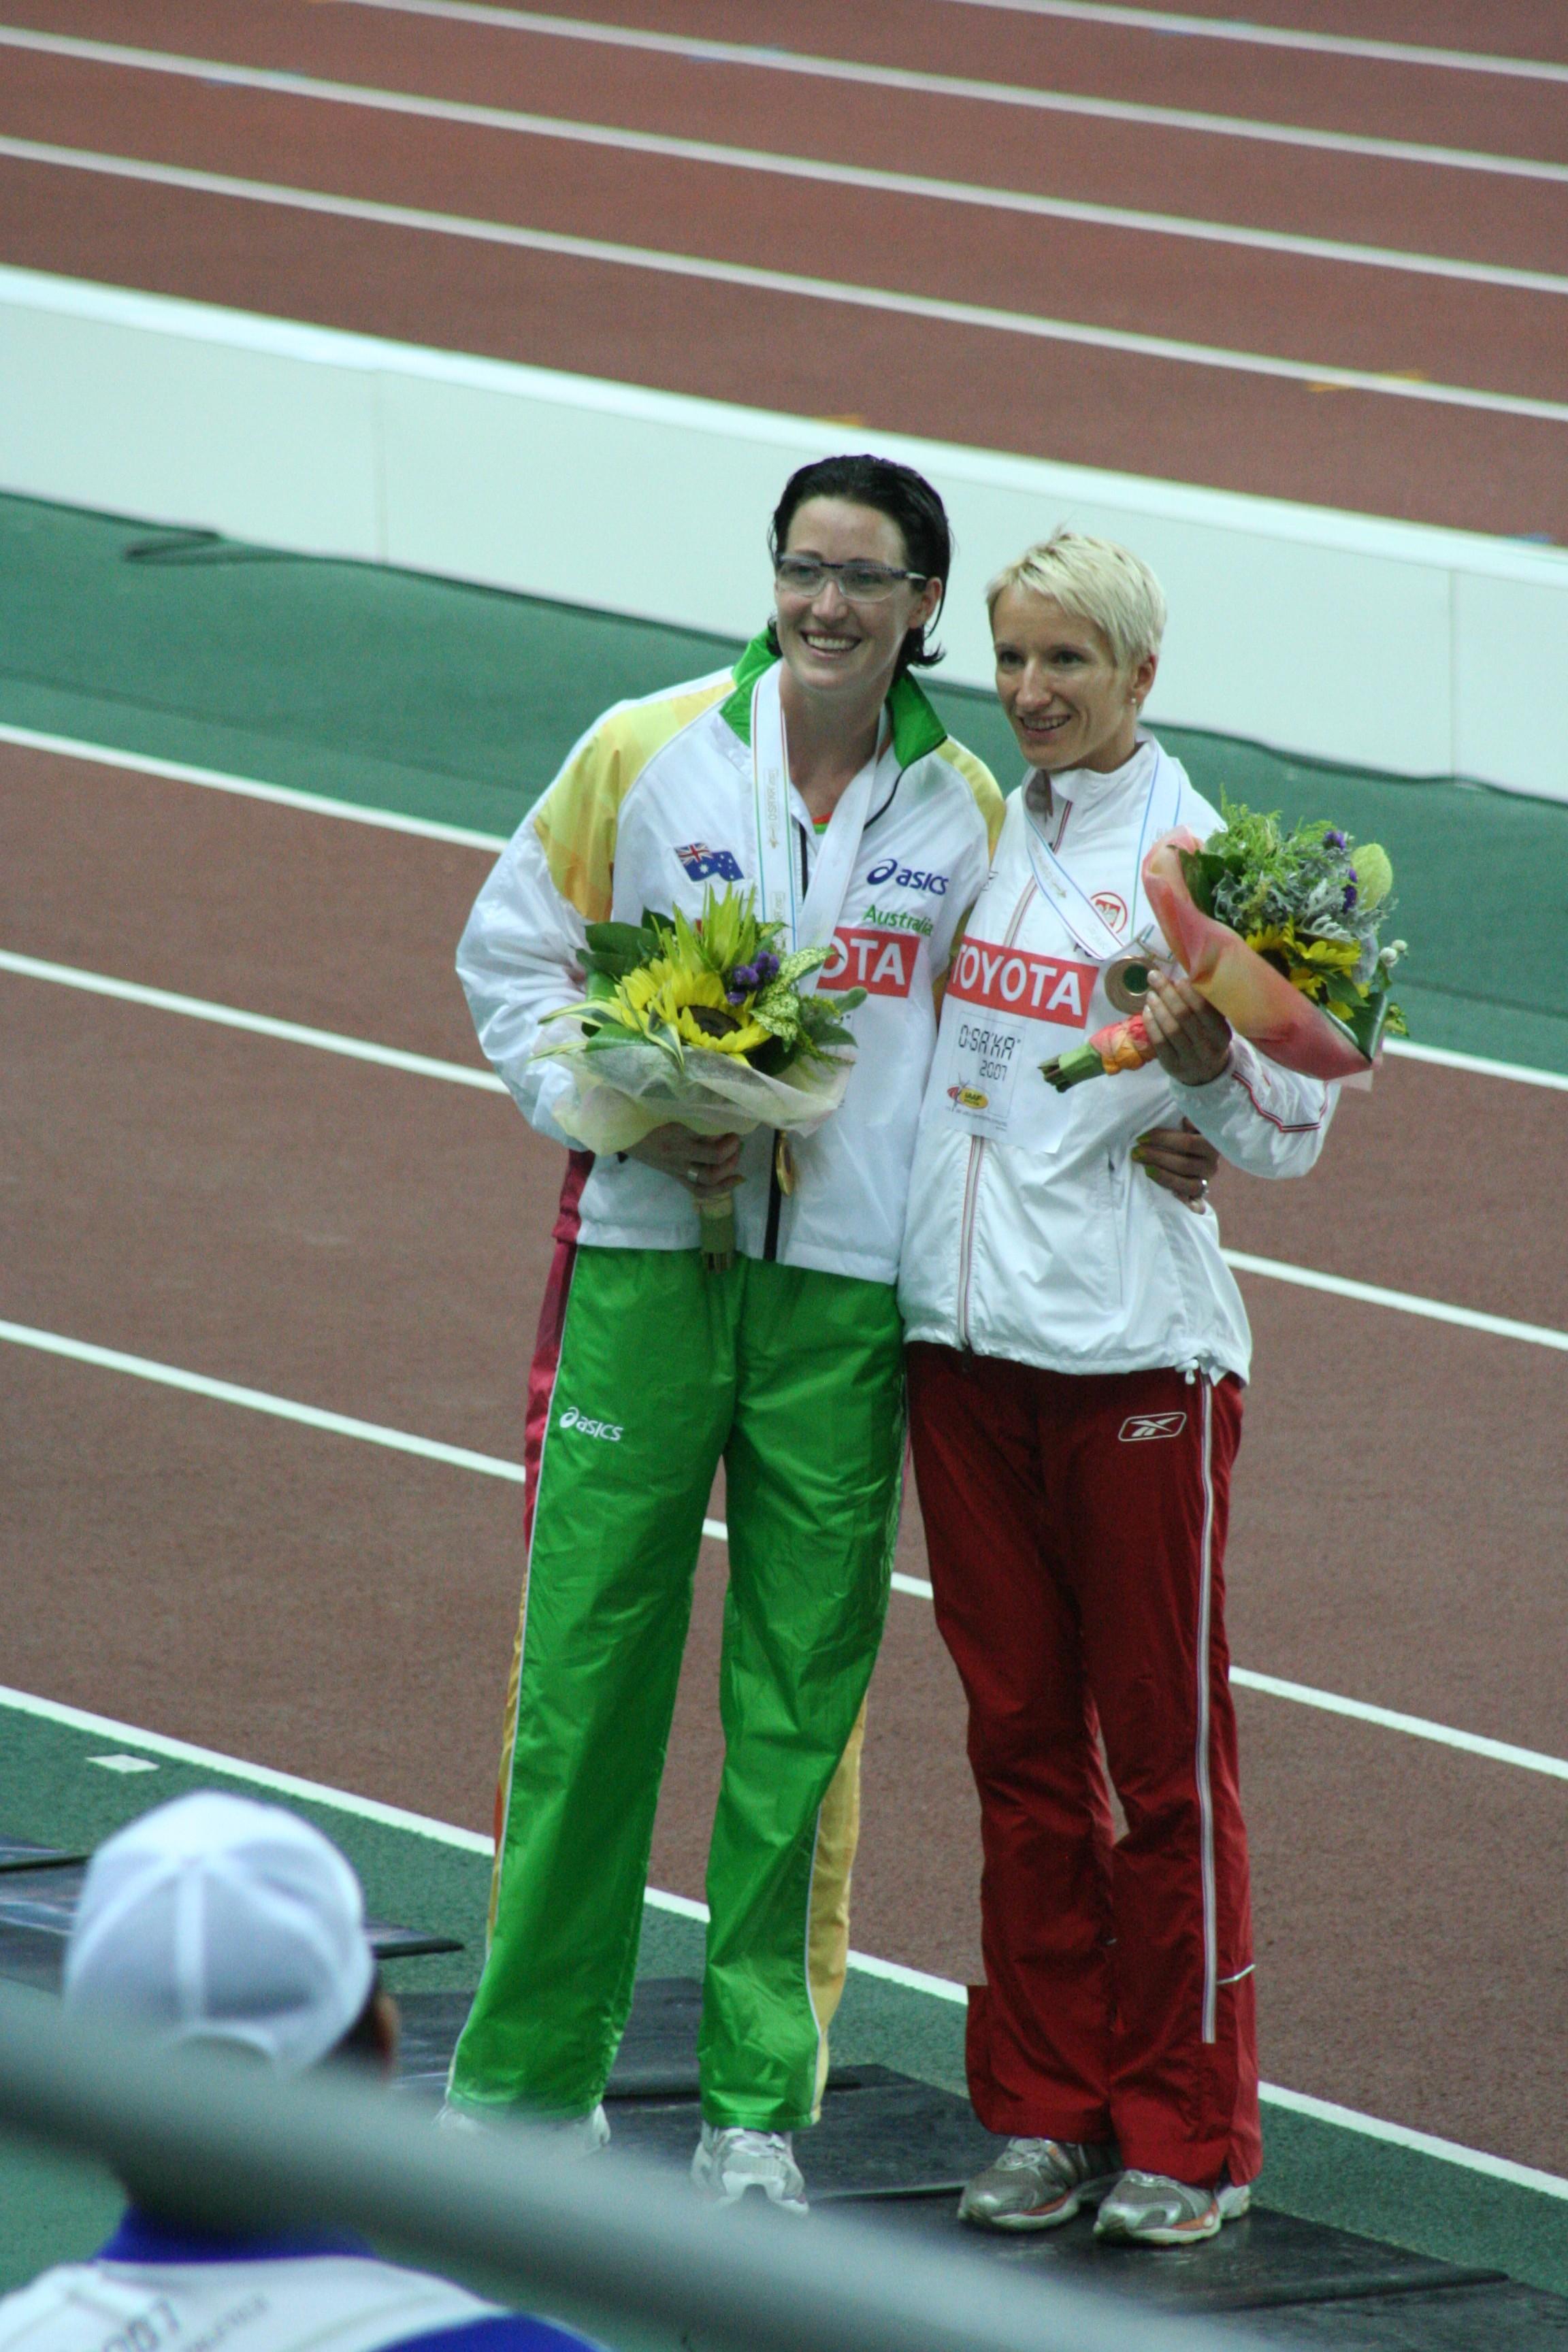 Jesień on the right (Osaka 2007)